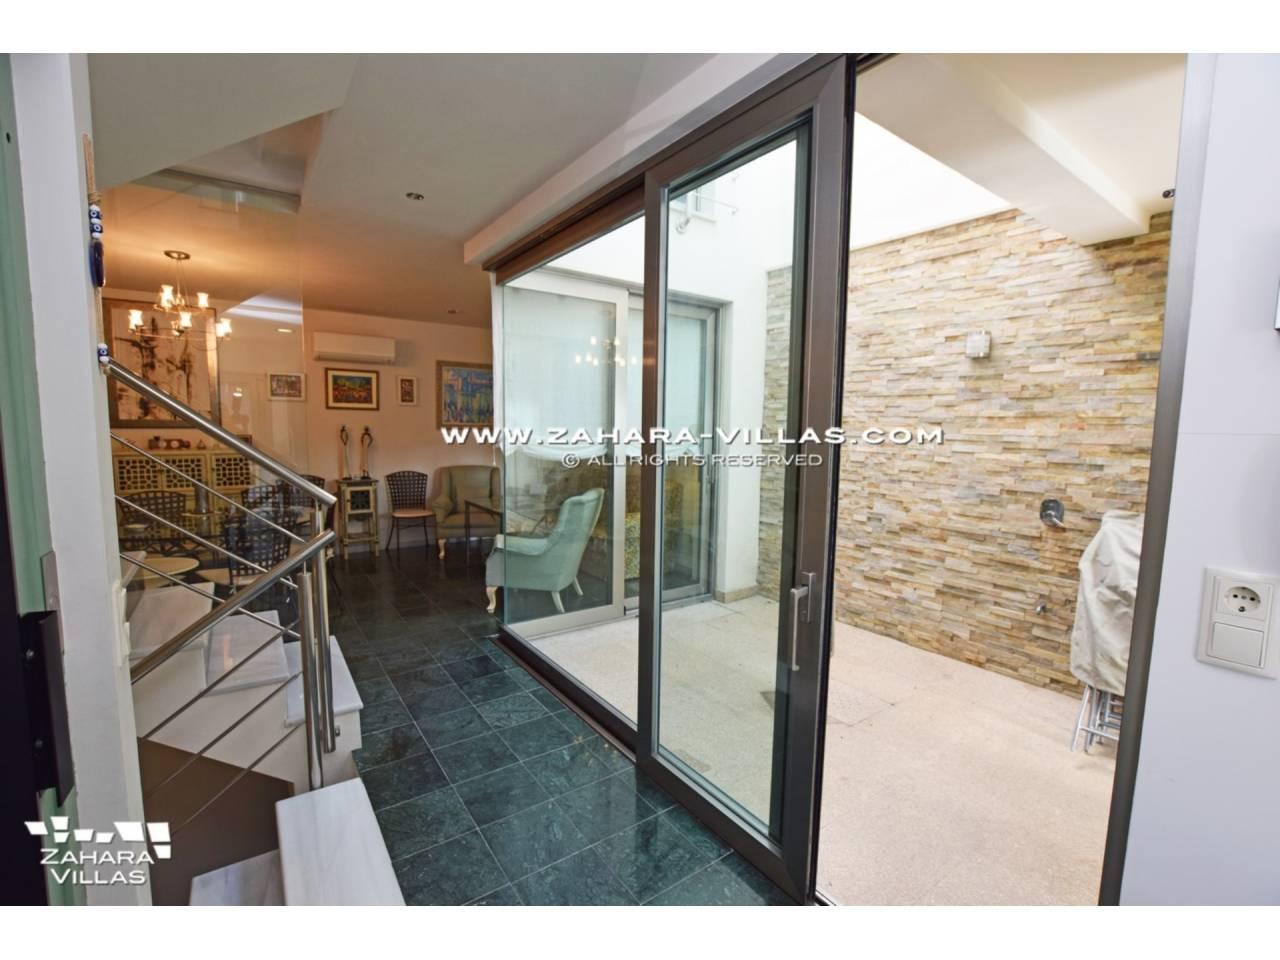 Imagen 30 de House for sale in Zahara de los Atunes